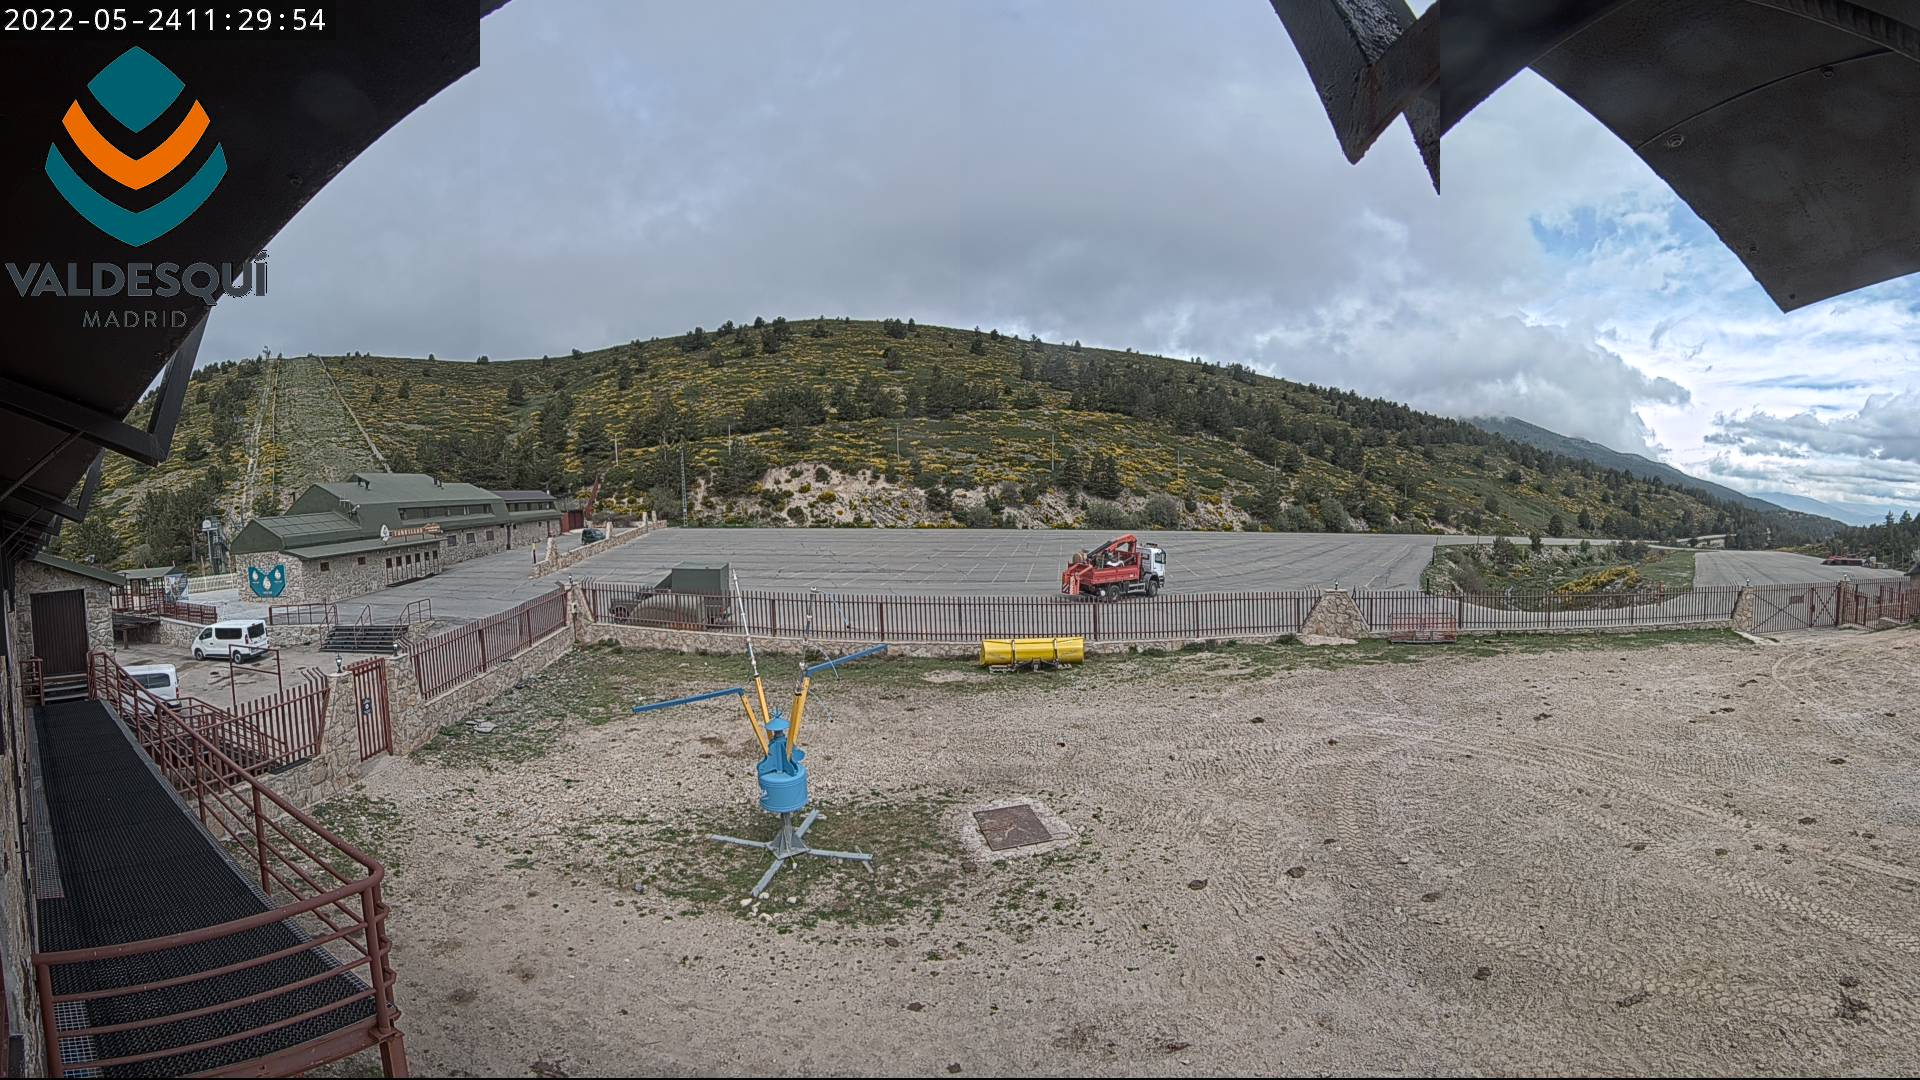 Webcams de Valdesquí